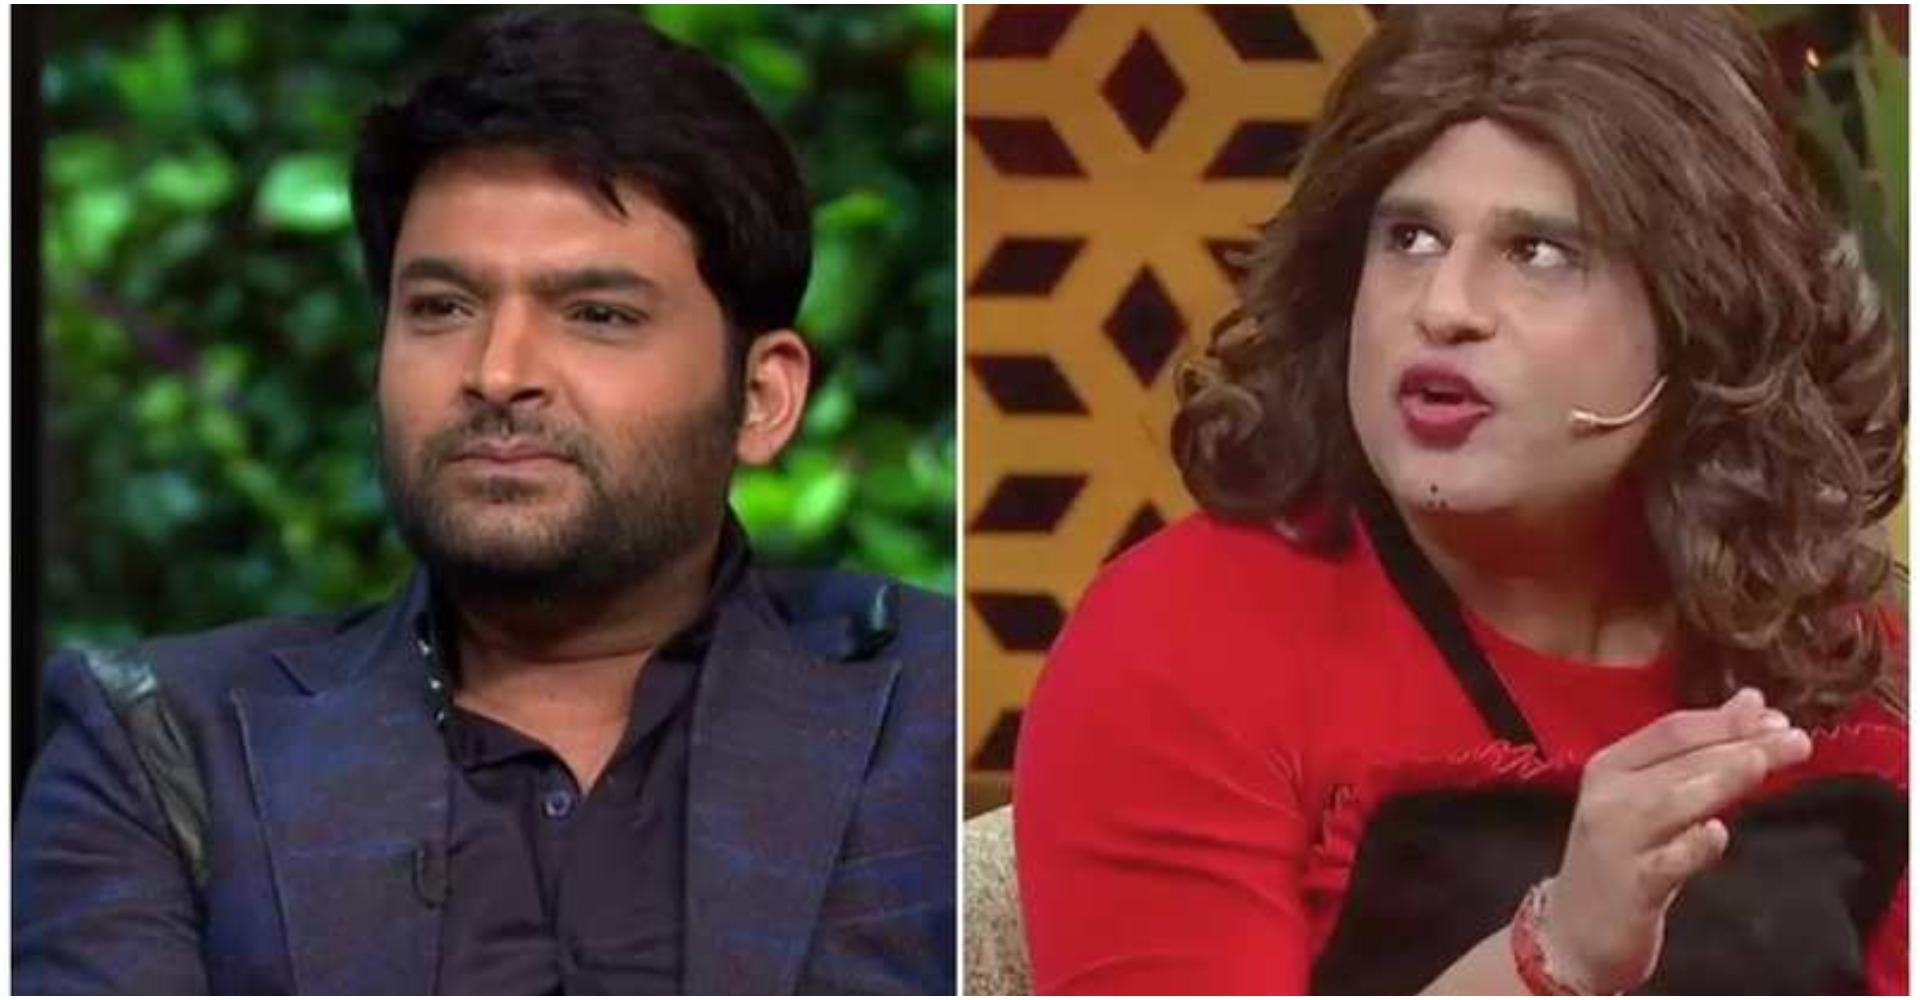 The Kapil Sharma Show: कृष्णा अभिषेककपिल शर्मा शो छोड़ ये काम करना चाहते है, पढ़िए पूरी रिपोर्ट